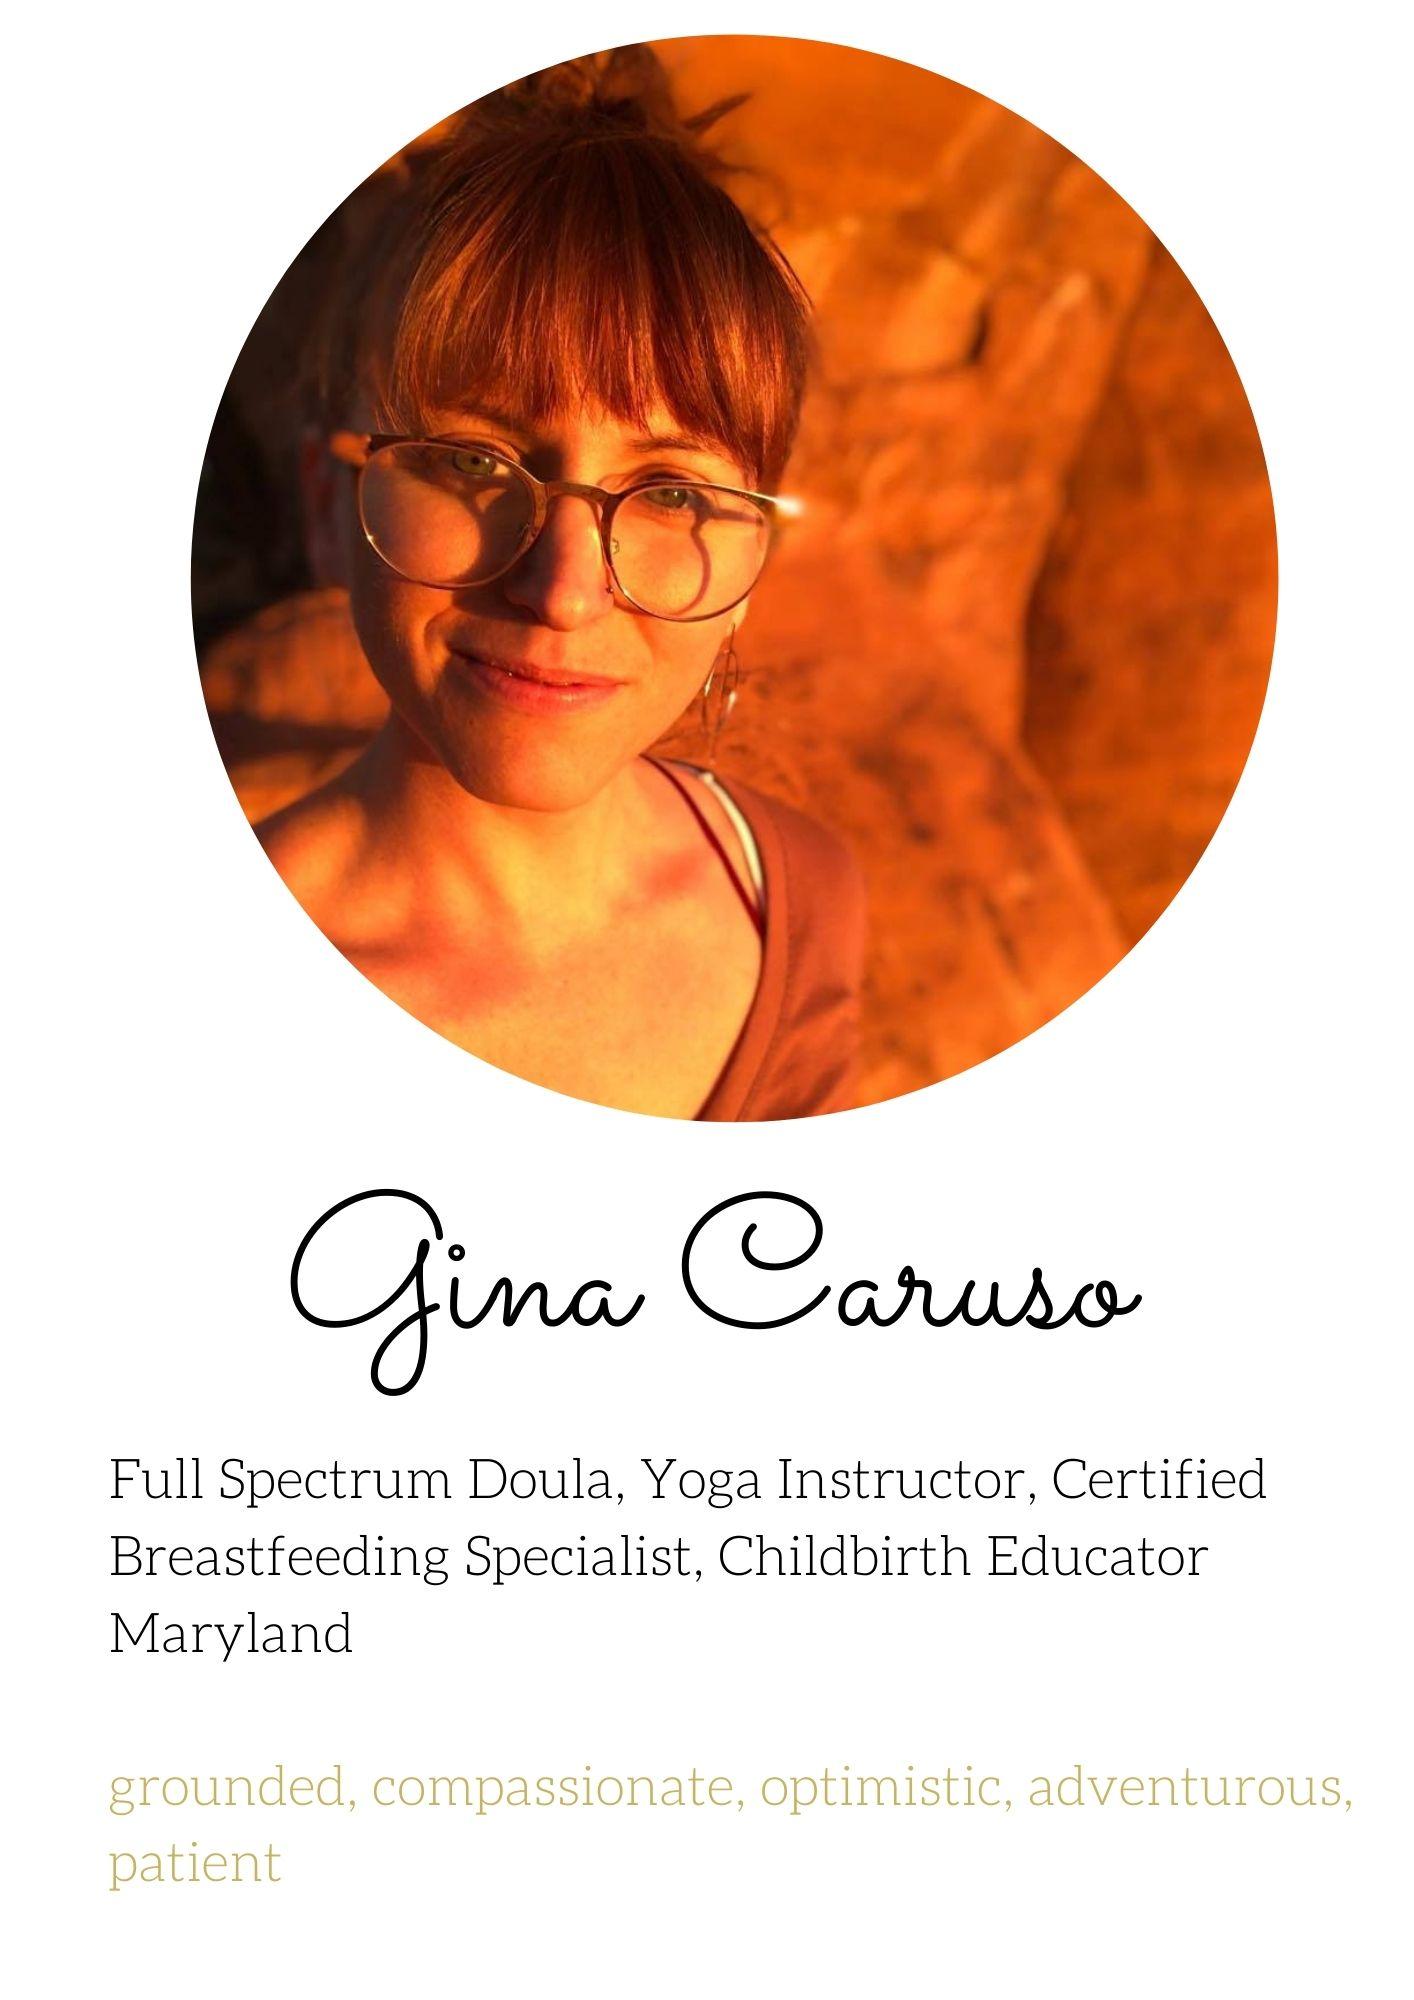 Gina Caruso Birth Doula Breastfeeding Specialist